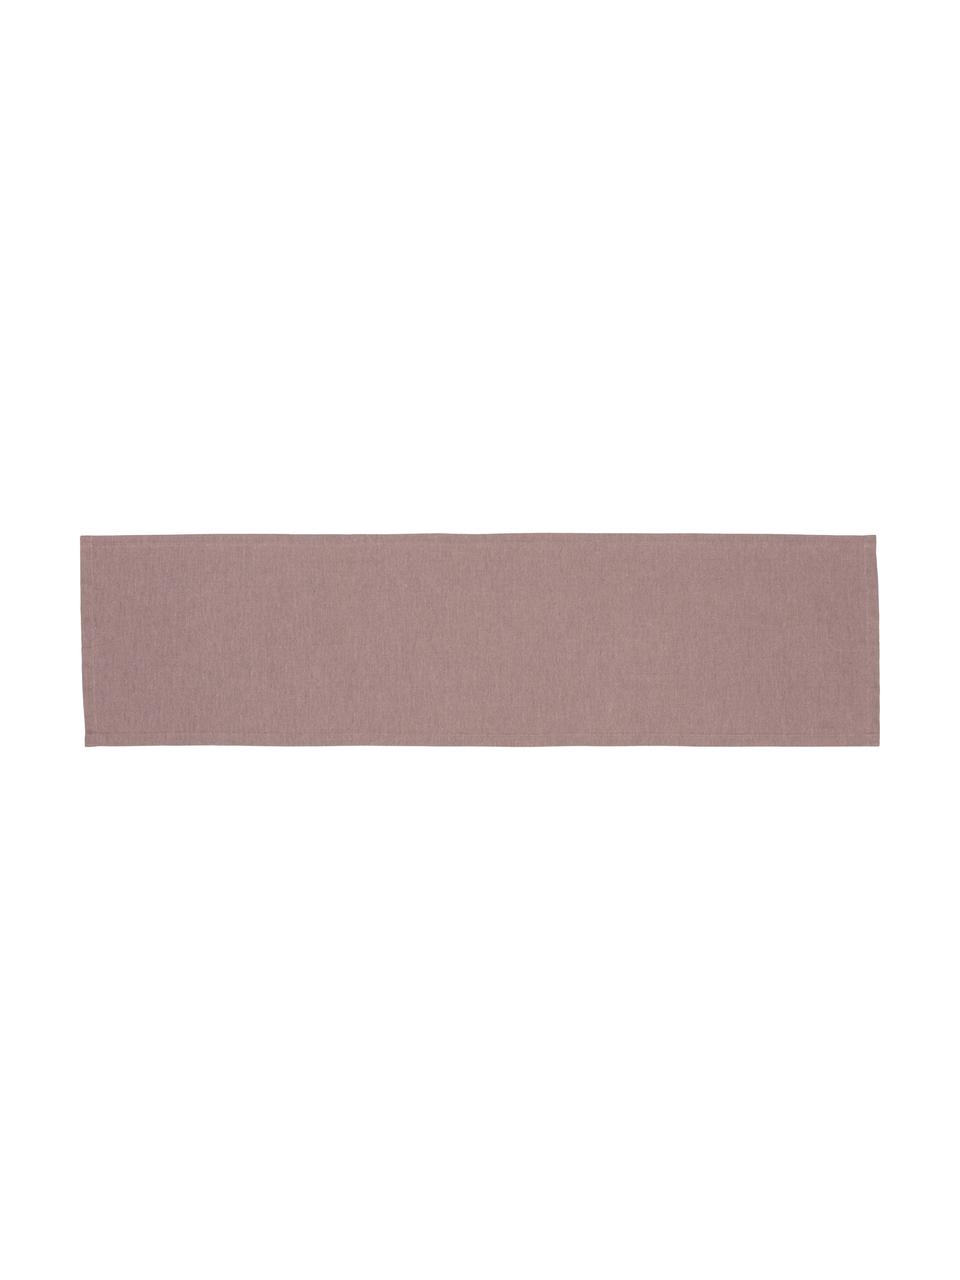 Bieżnik Riva, 55%bawełna, 45%poliester, Fioletoworóżowy, S 40 x D 150 cm